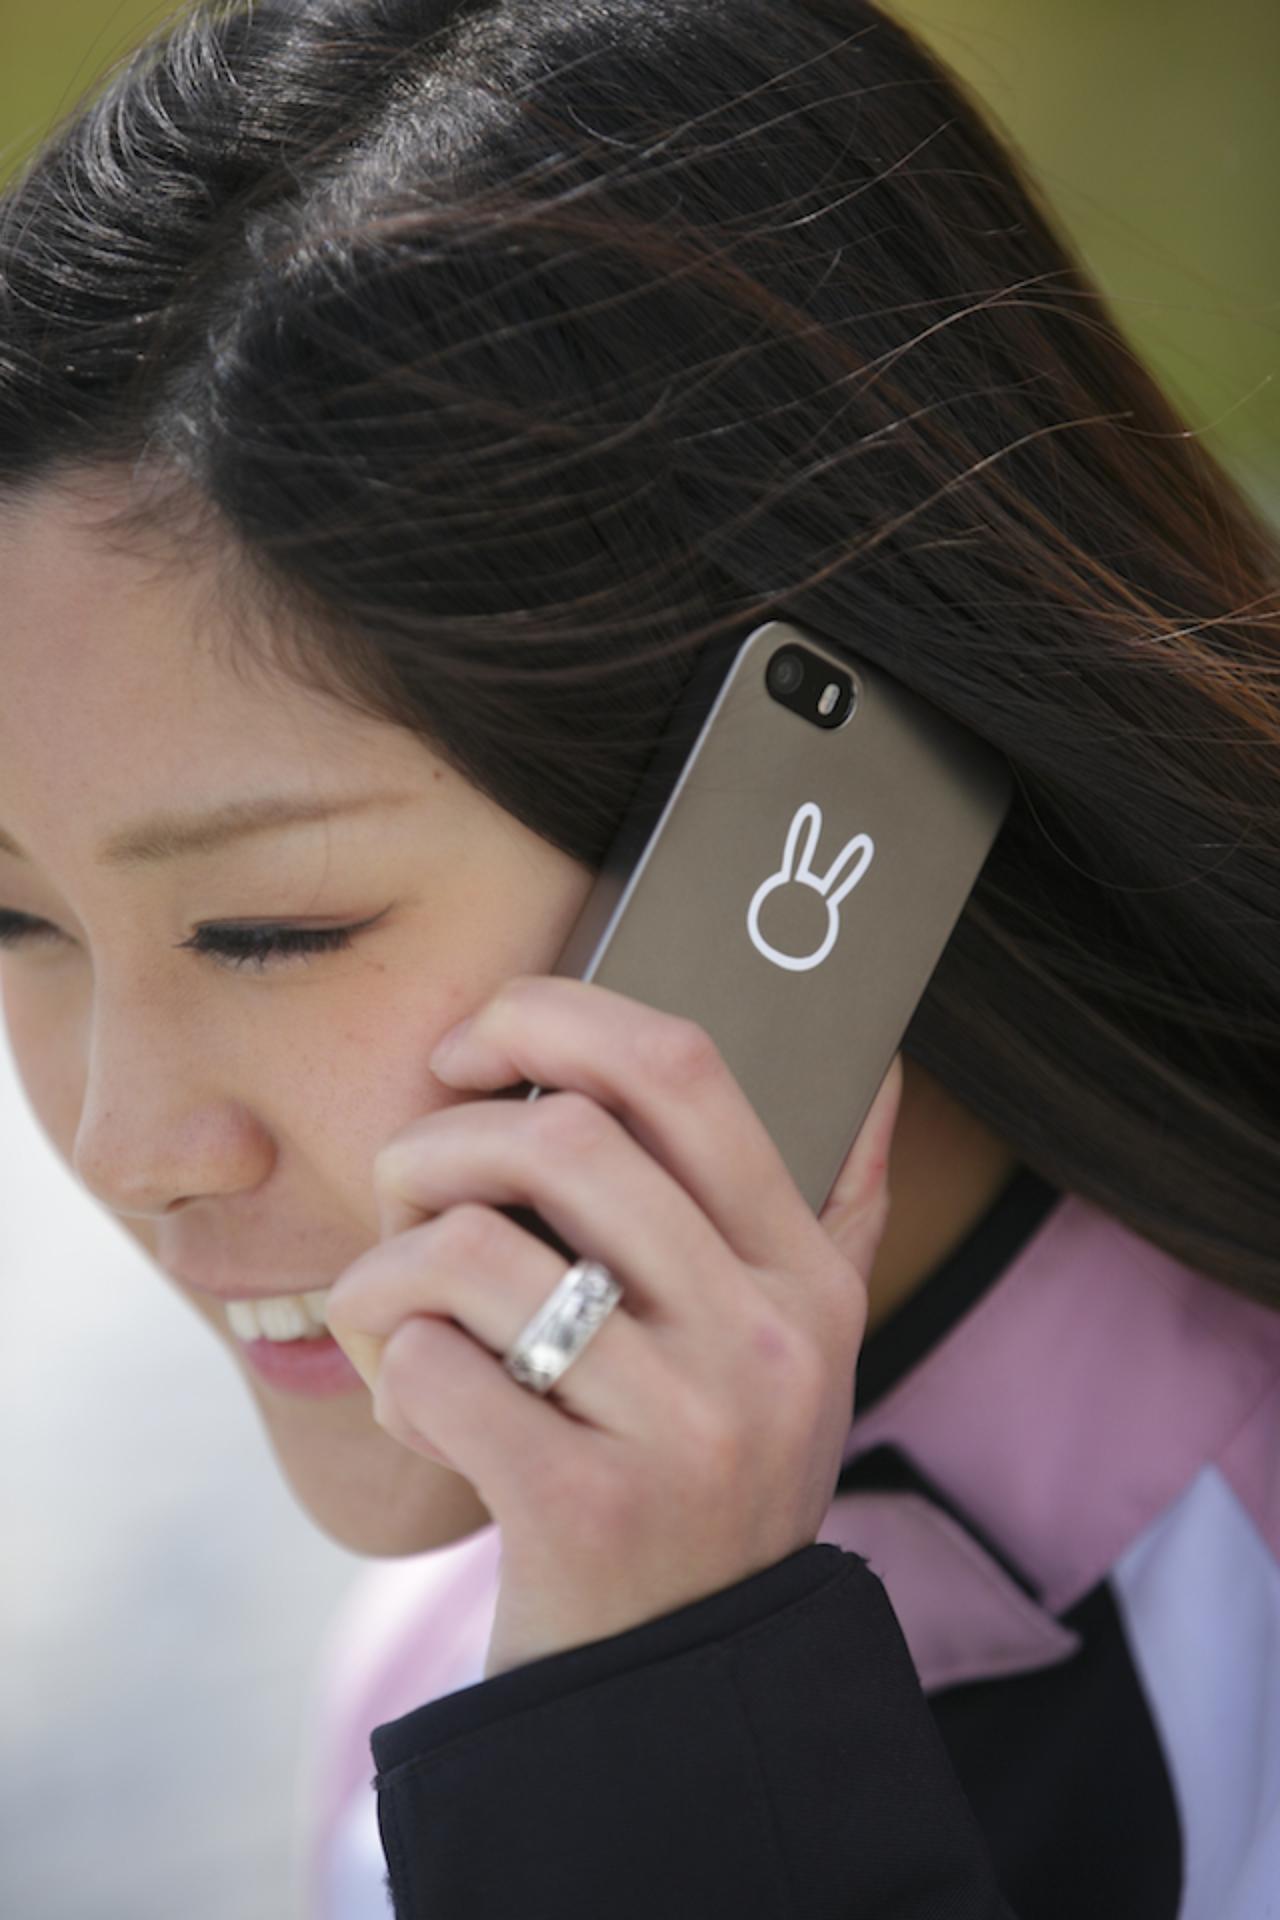 画像: ガンメタのiPhone5S 用ケースに、白の小さいステッカーを貼ってみました。